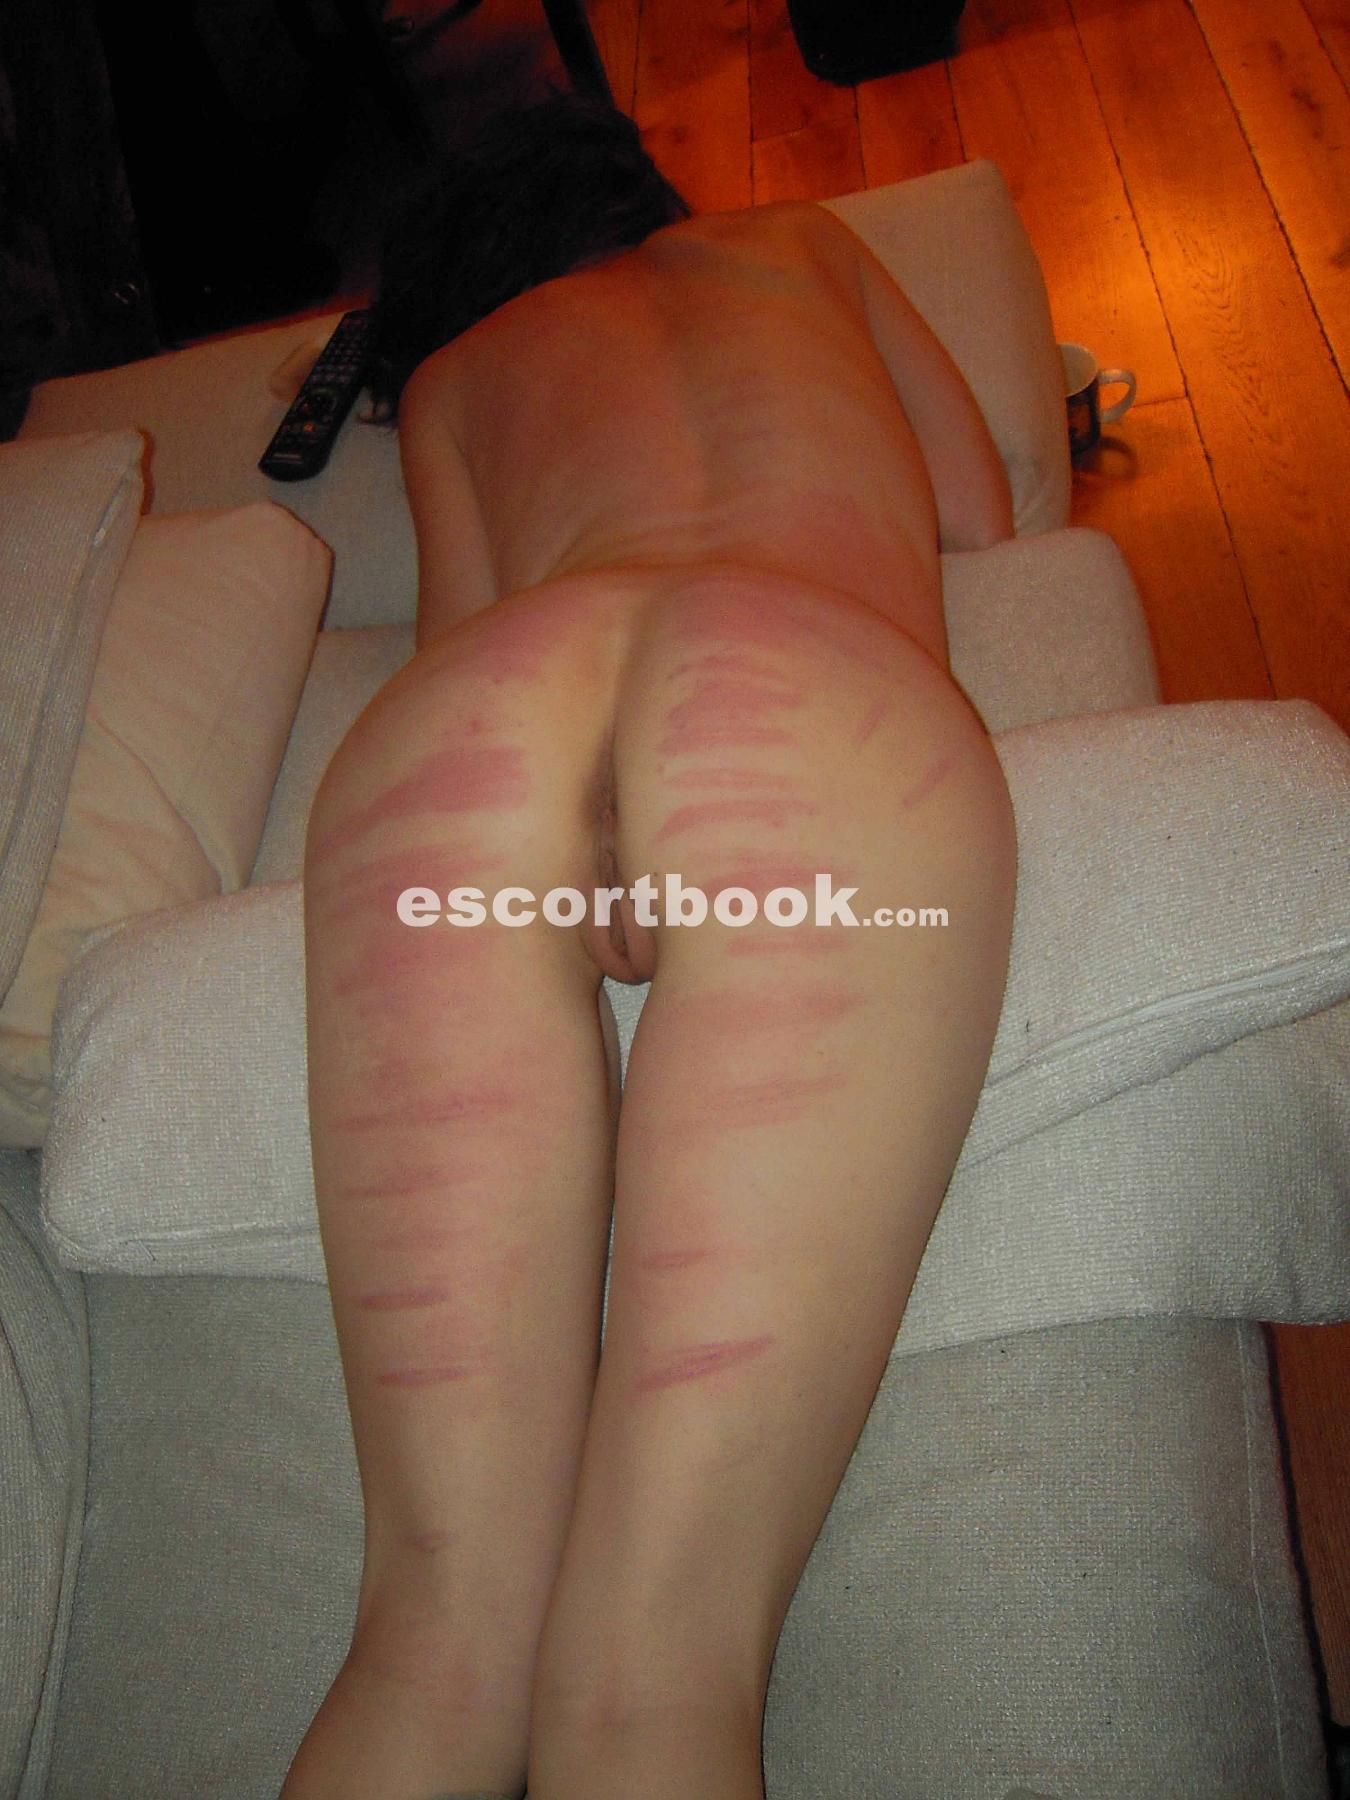 soumise anal escort student paris